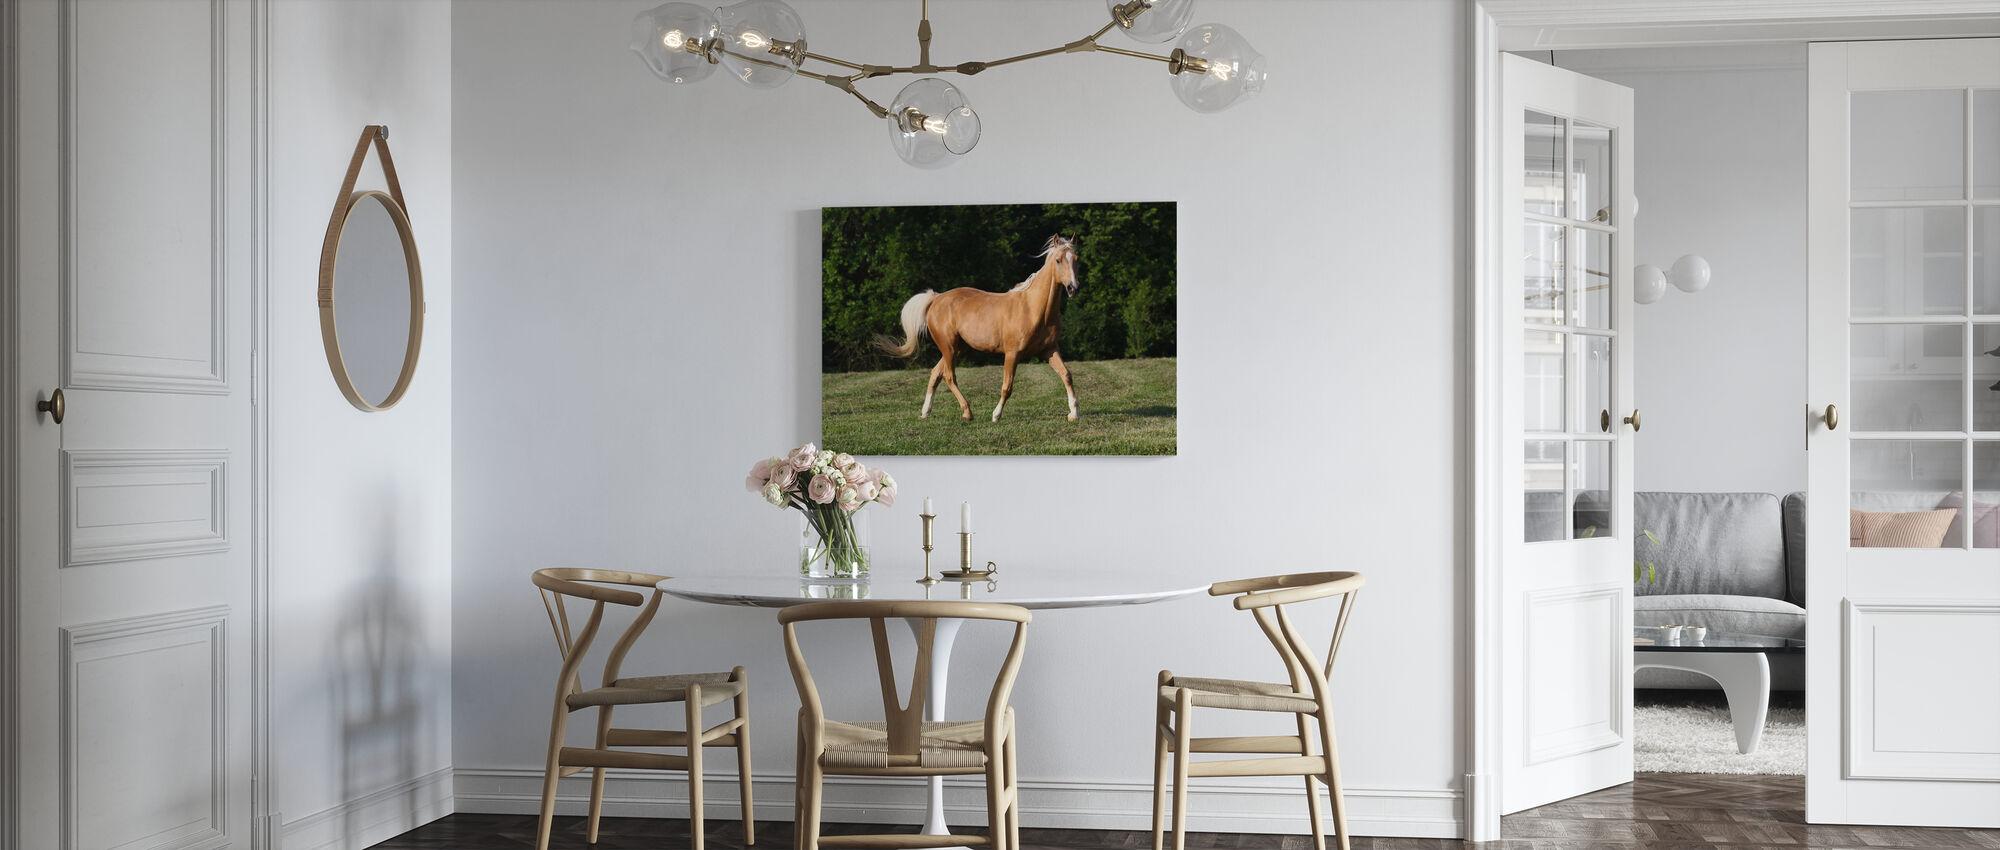 Chestnut Quarter Horse - Canvas print - Kitchen